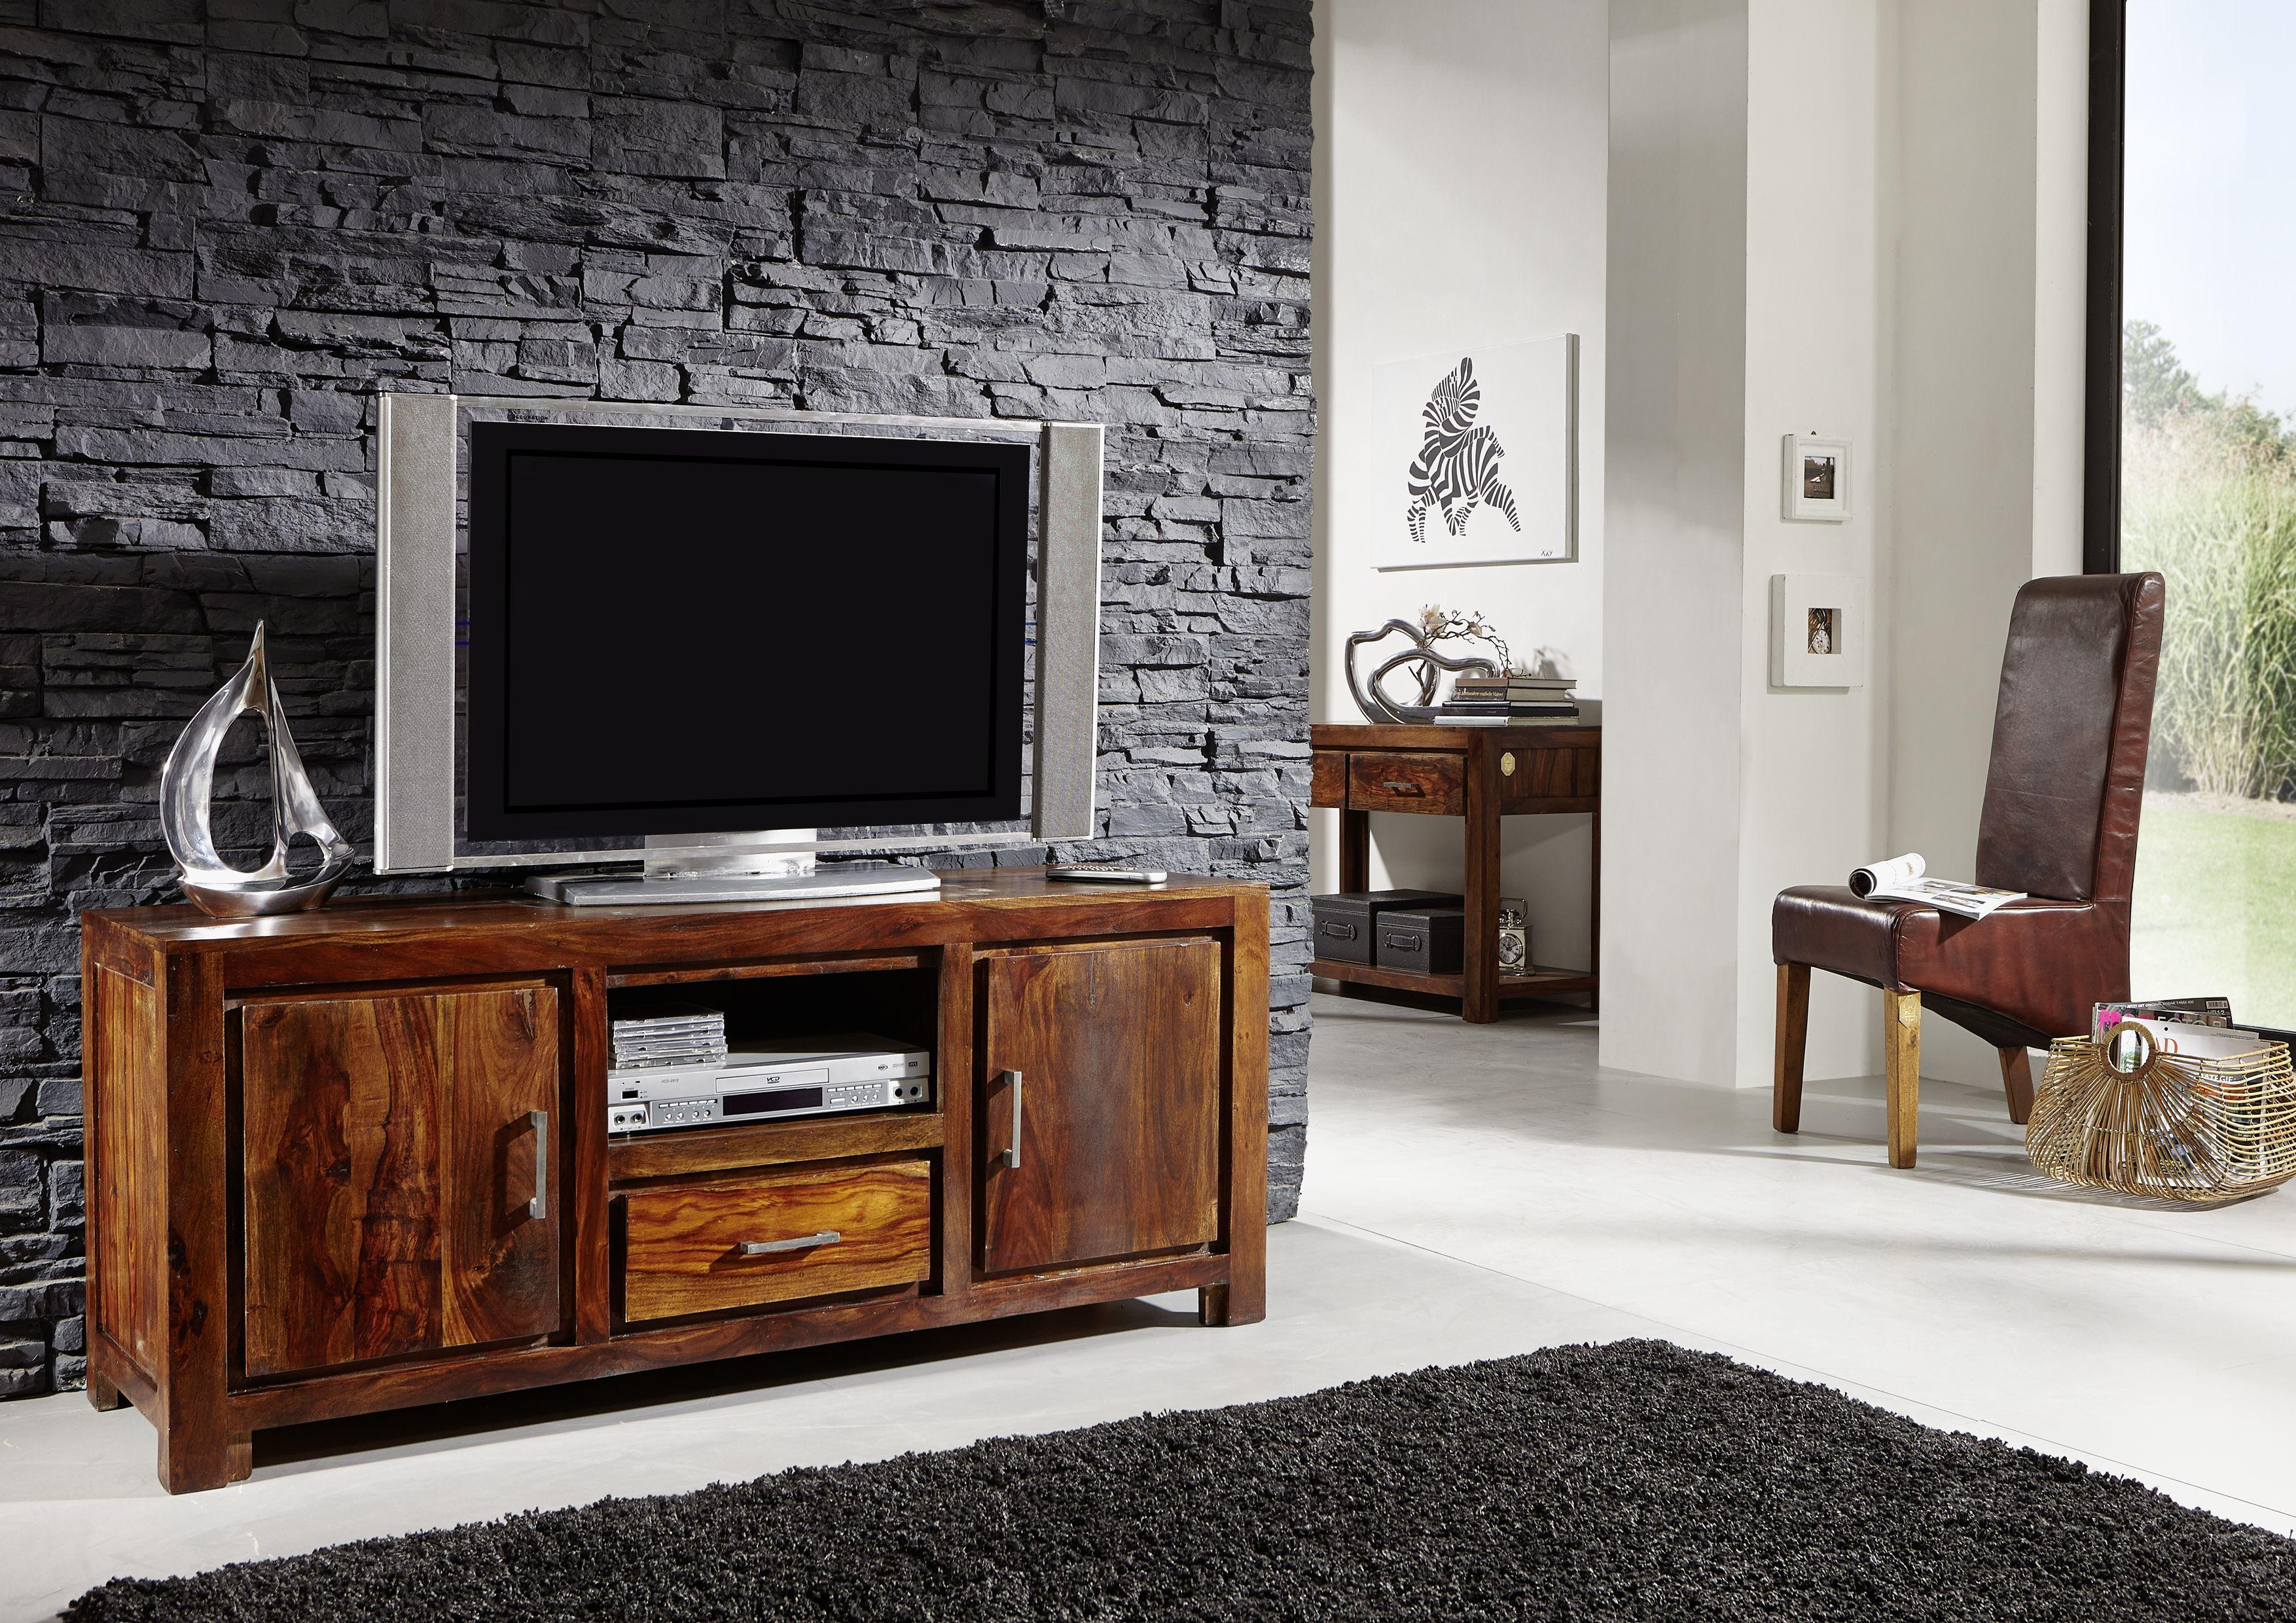 Mobel Palisander Versandfrei Kaufen In 2020 Haus Wohnzimmer Wohnzimmer Tv Wohnzimmer Design